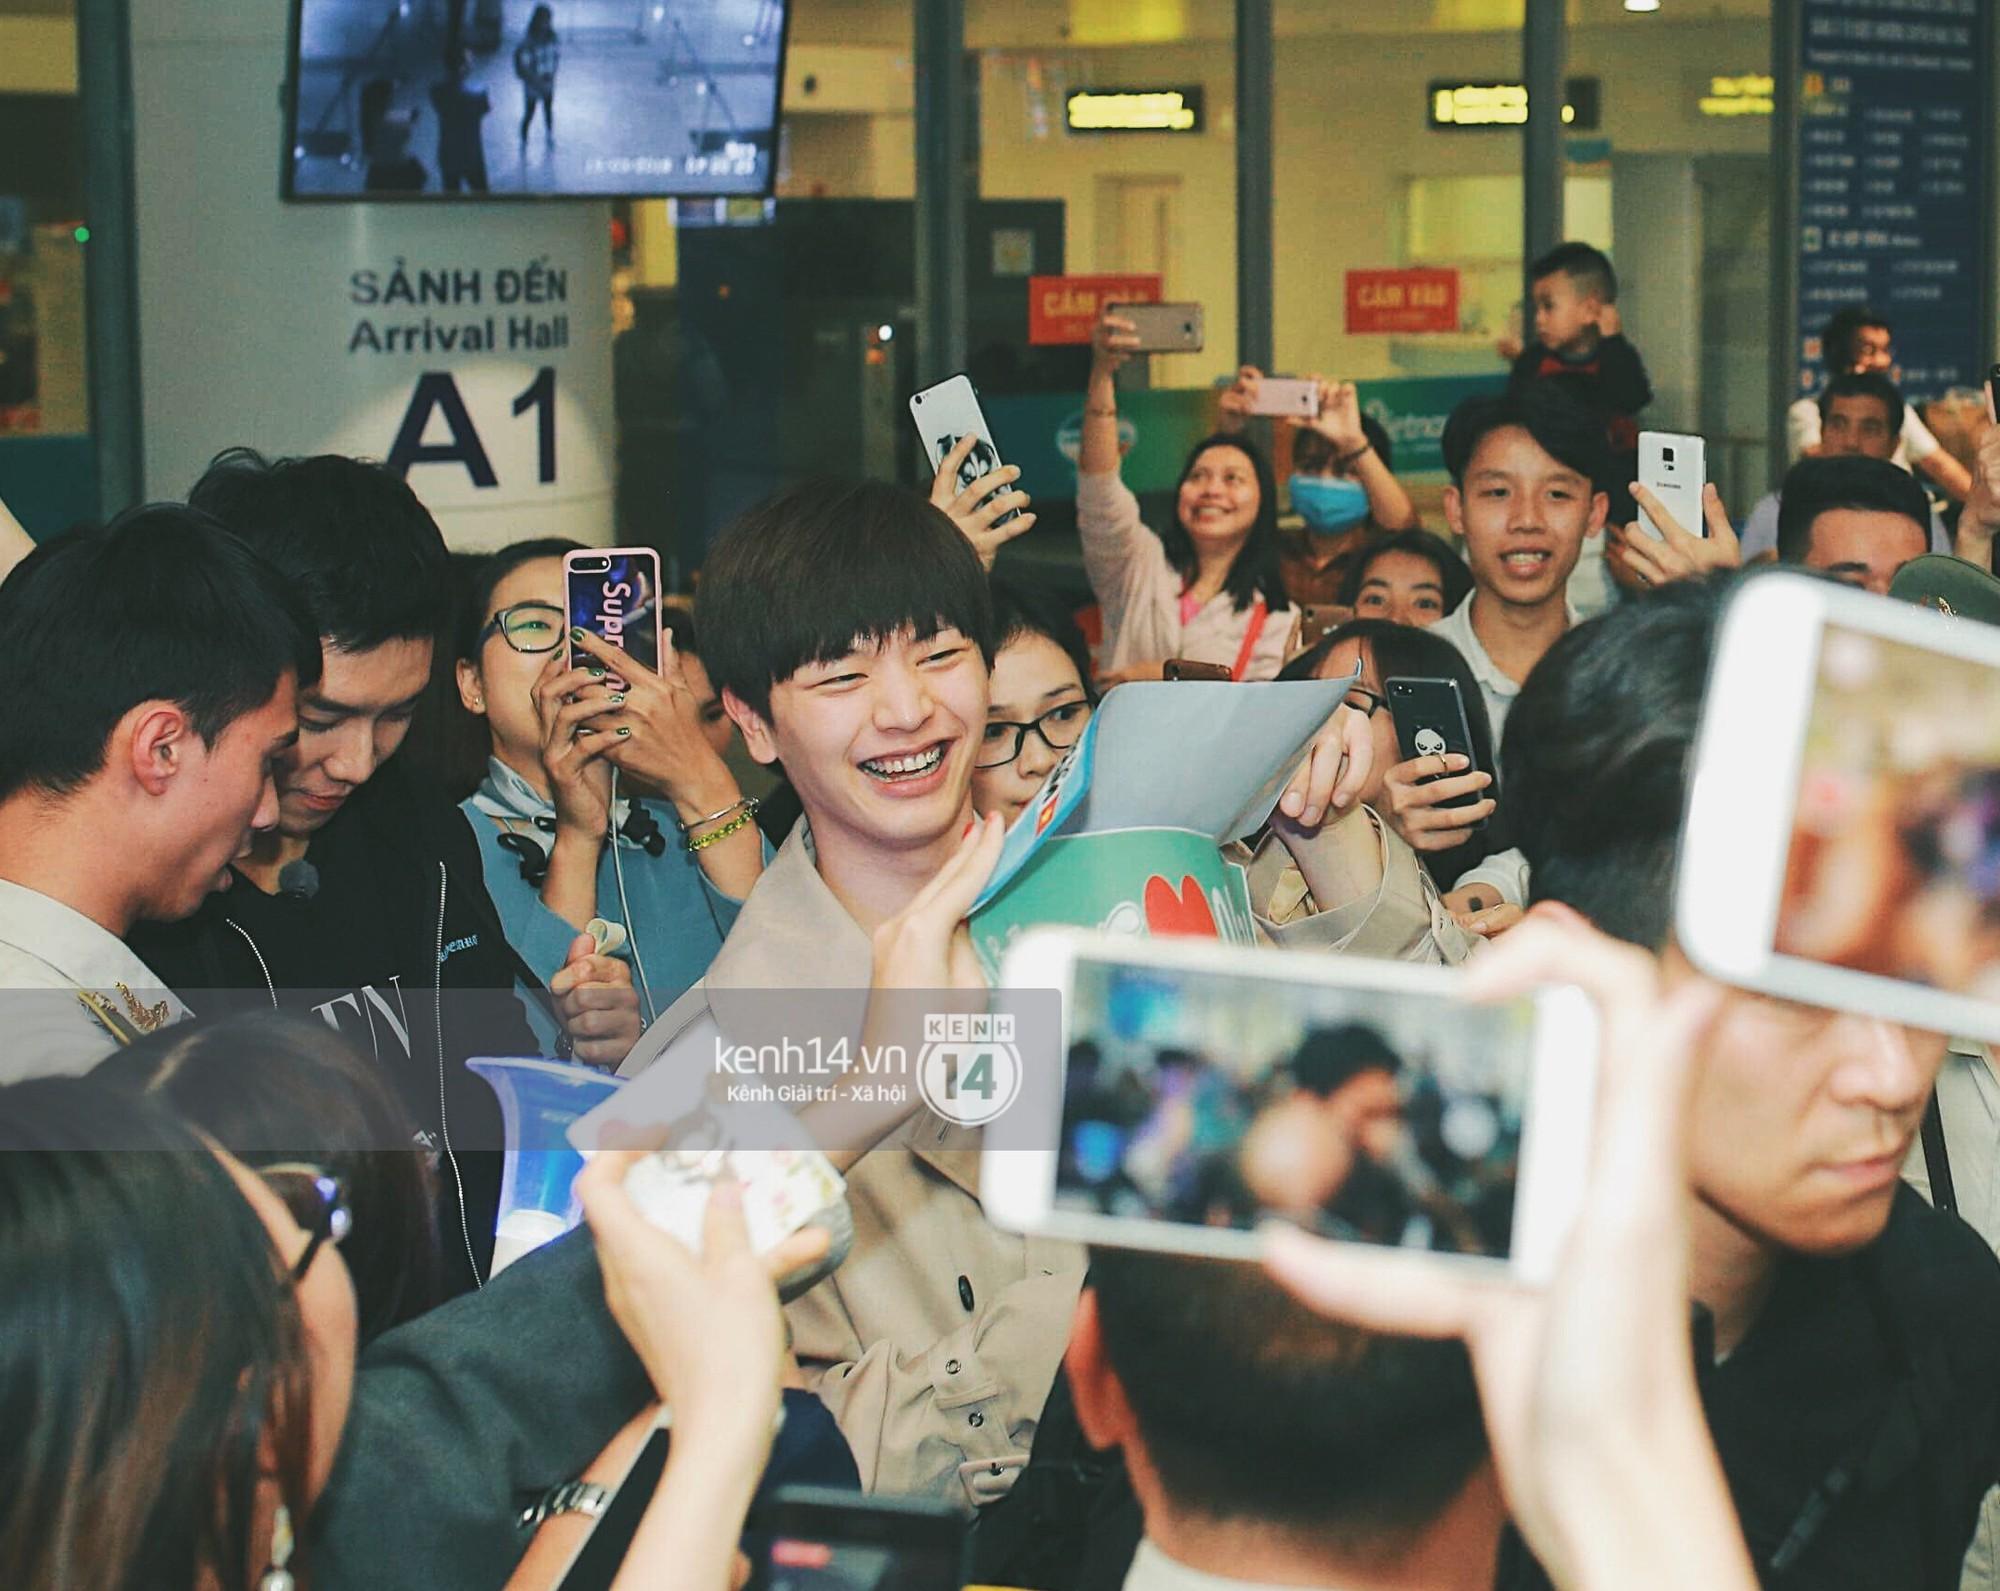 Ngộ Không Lee Seung Gi tươi rói nhận hoa, Yook Sung Jae điển trai giữa đám đông fan phấn khích tại sân bay Nội Bài - Ảnh 6.